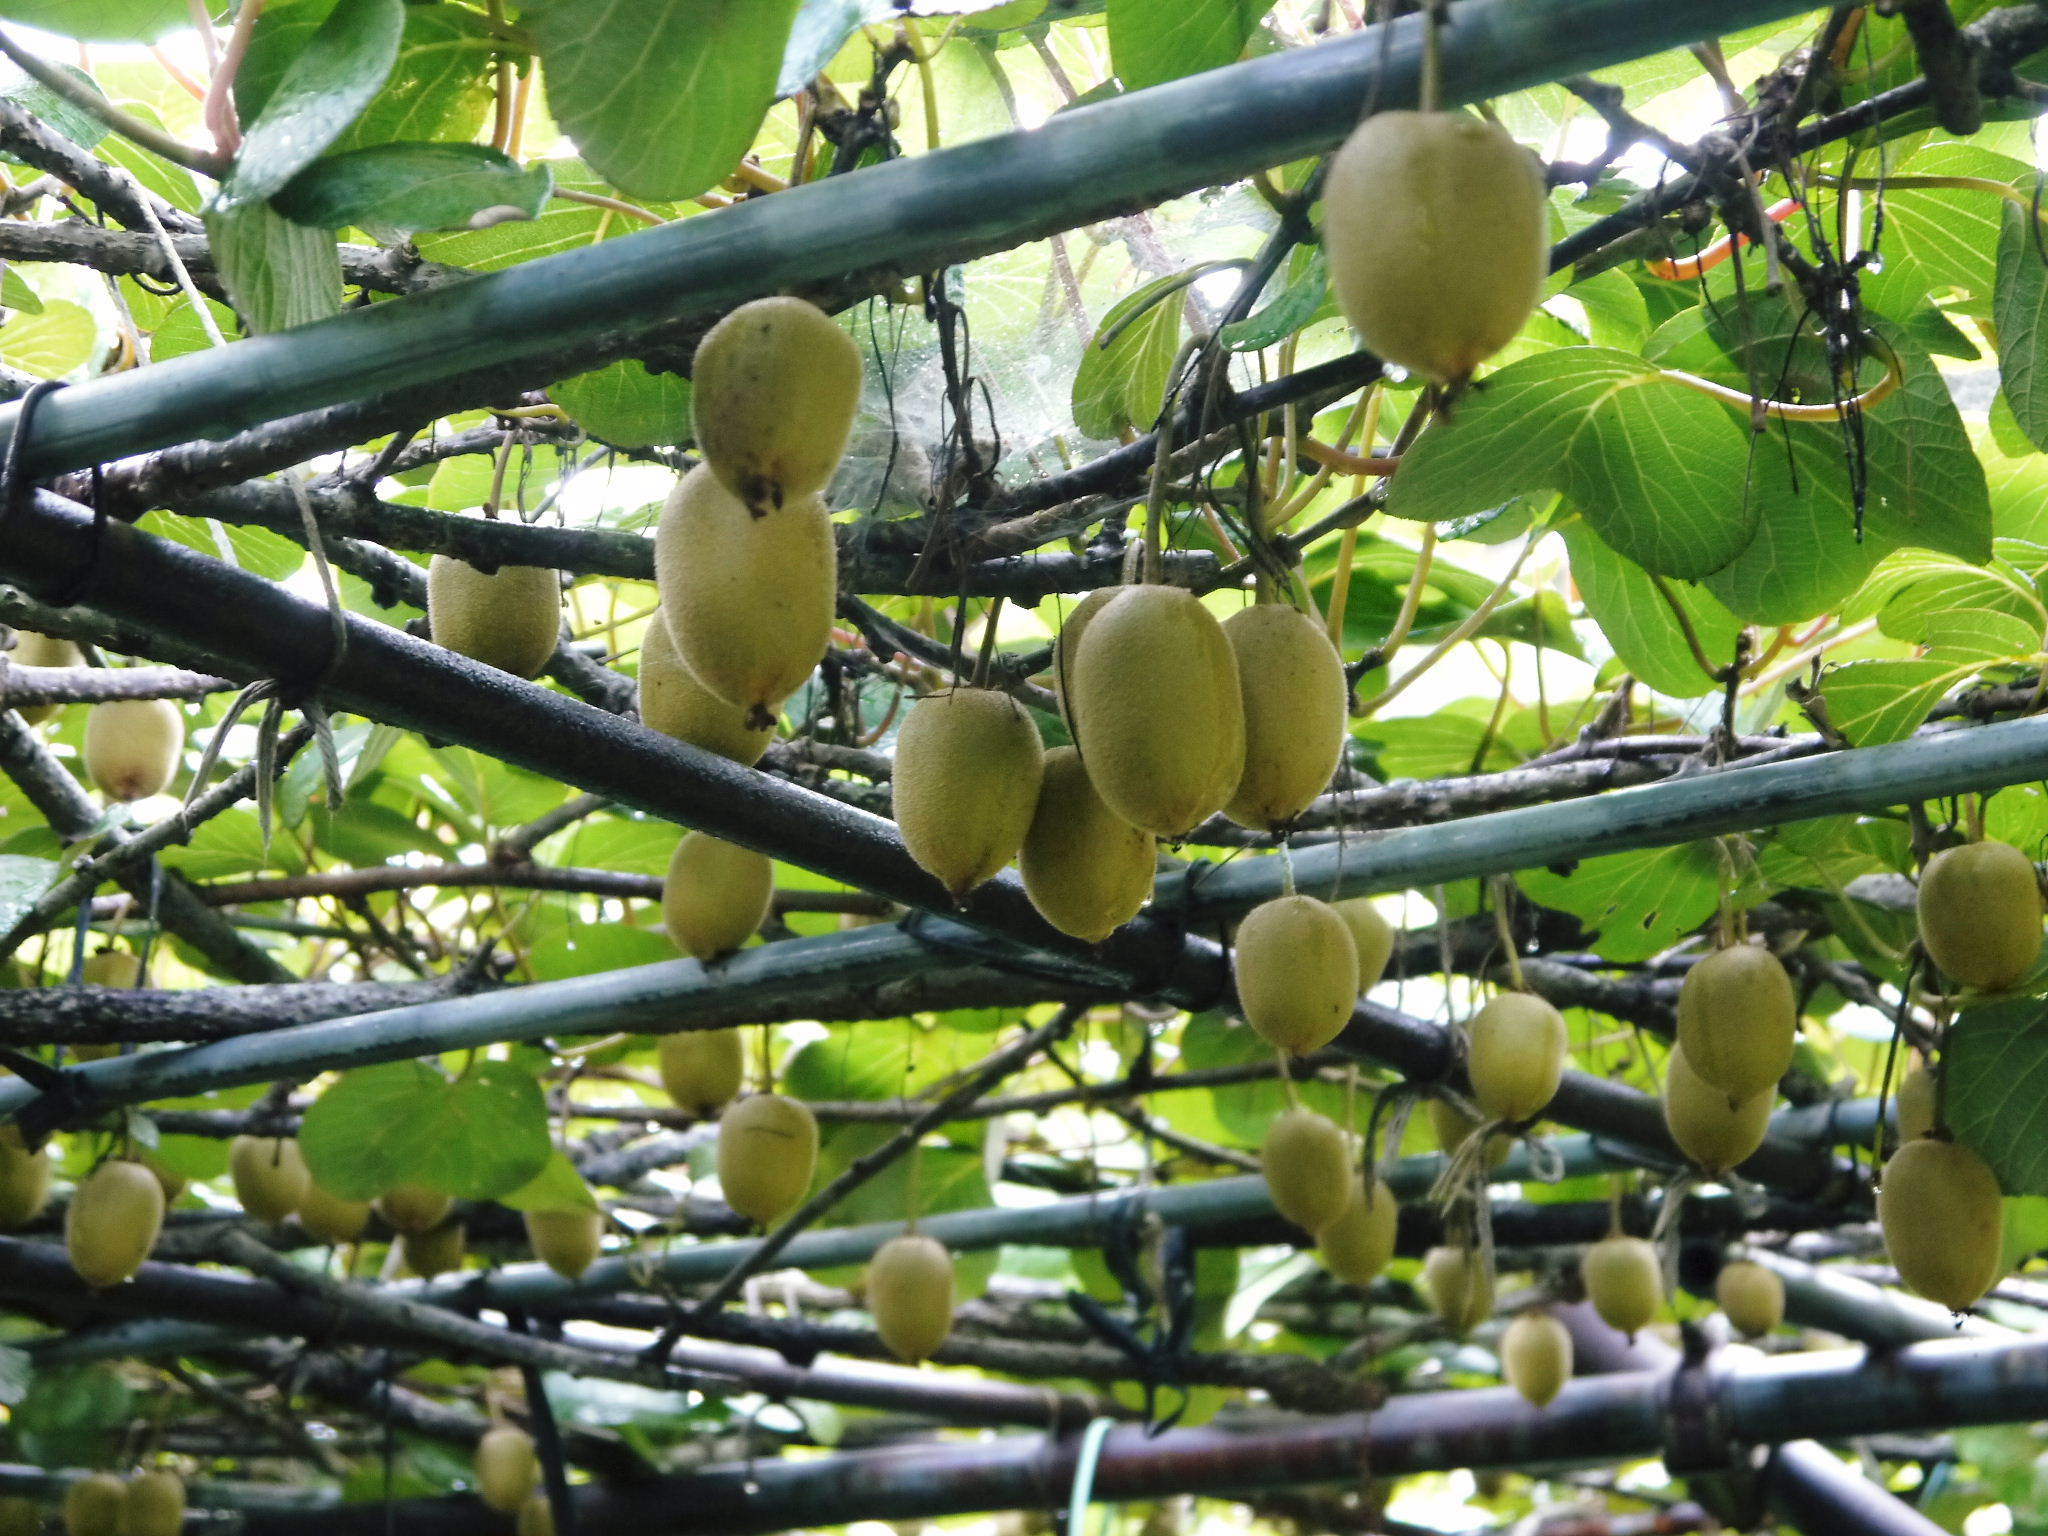 水源キウイ 今年(令和2年)も完全無農薬で育ててます!雨にも負けず元気に育ています!_a0254656_18510824.jpg